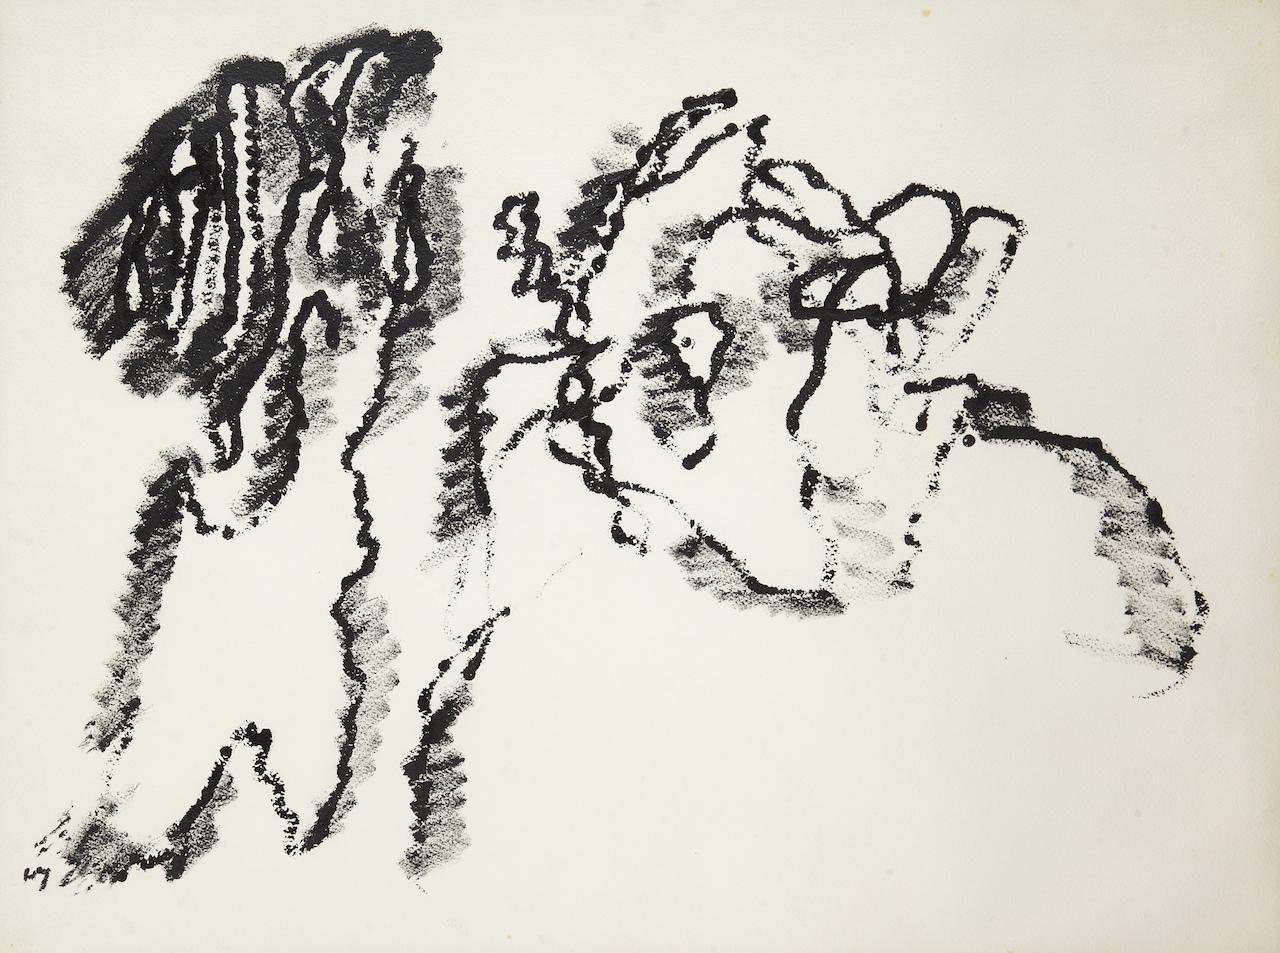 Peinture sur papier-1968- 56 x 75 cm (2)